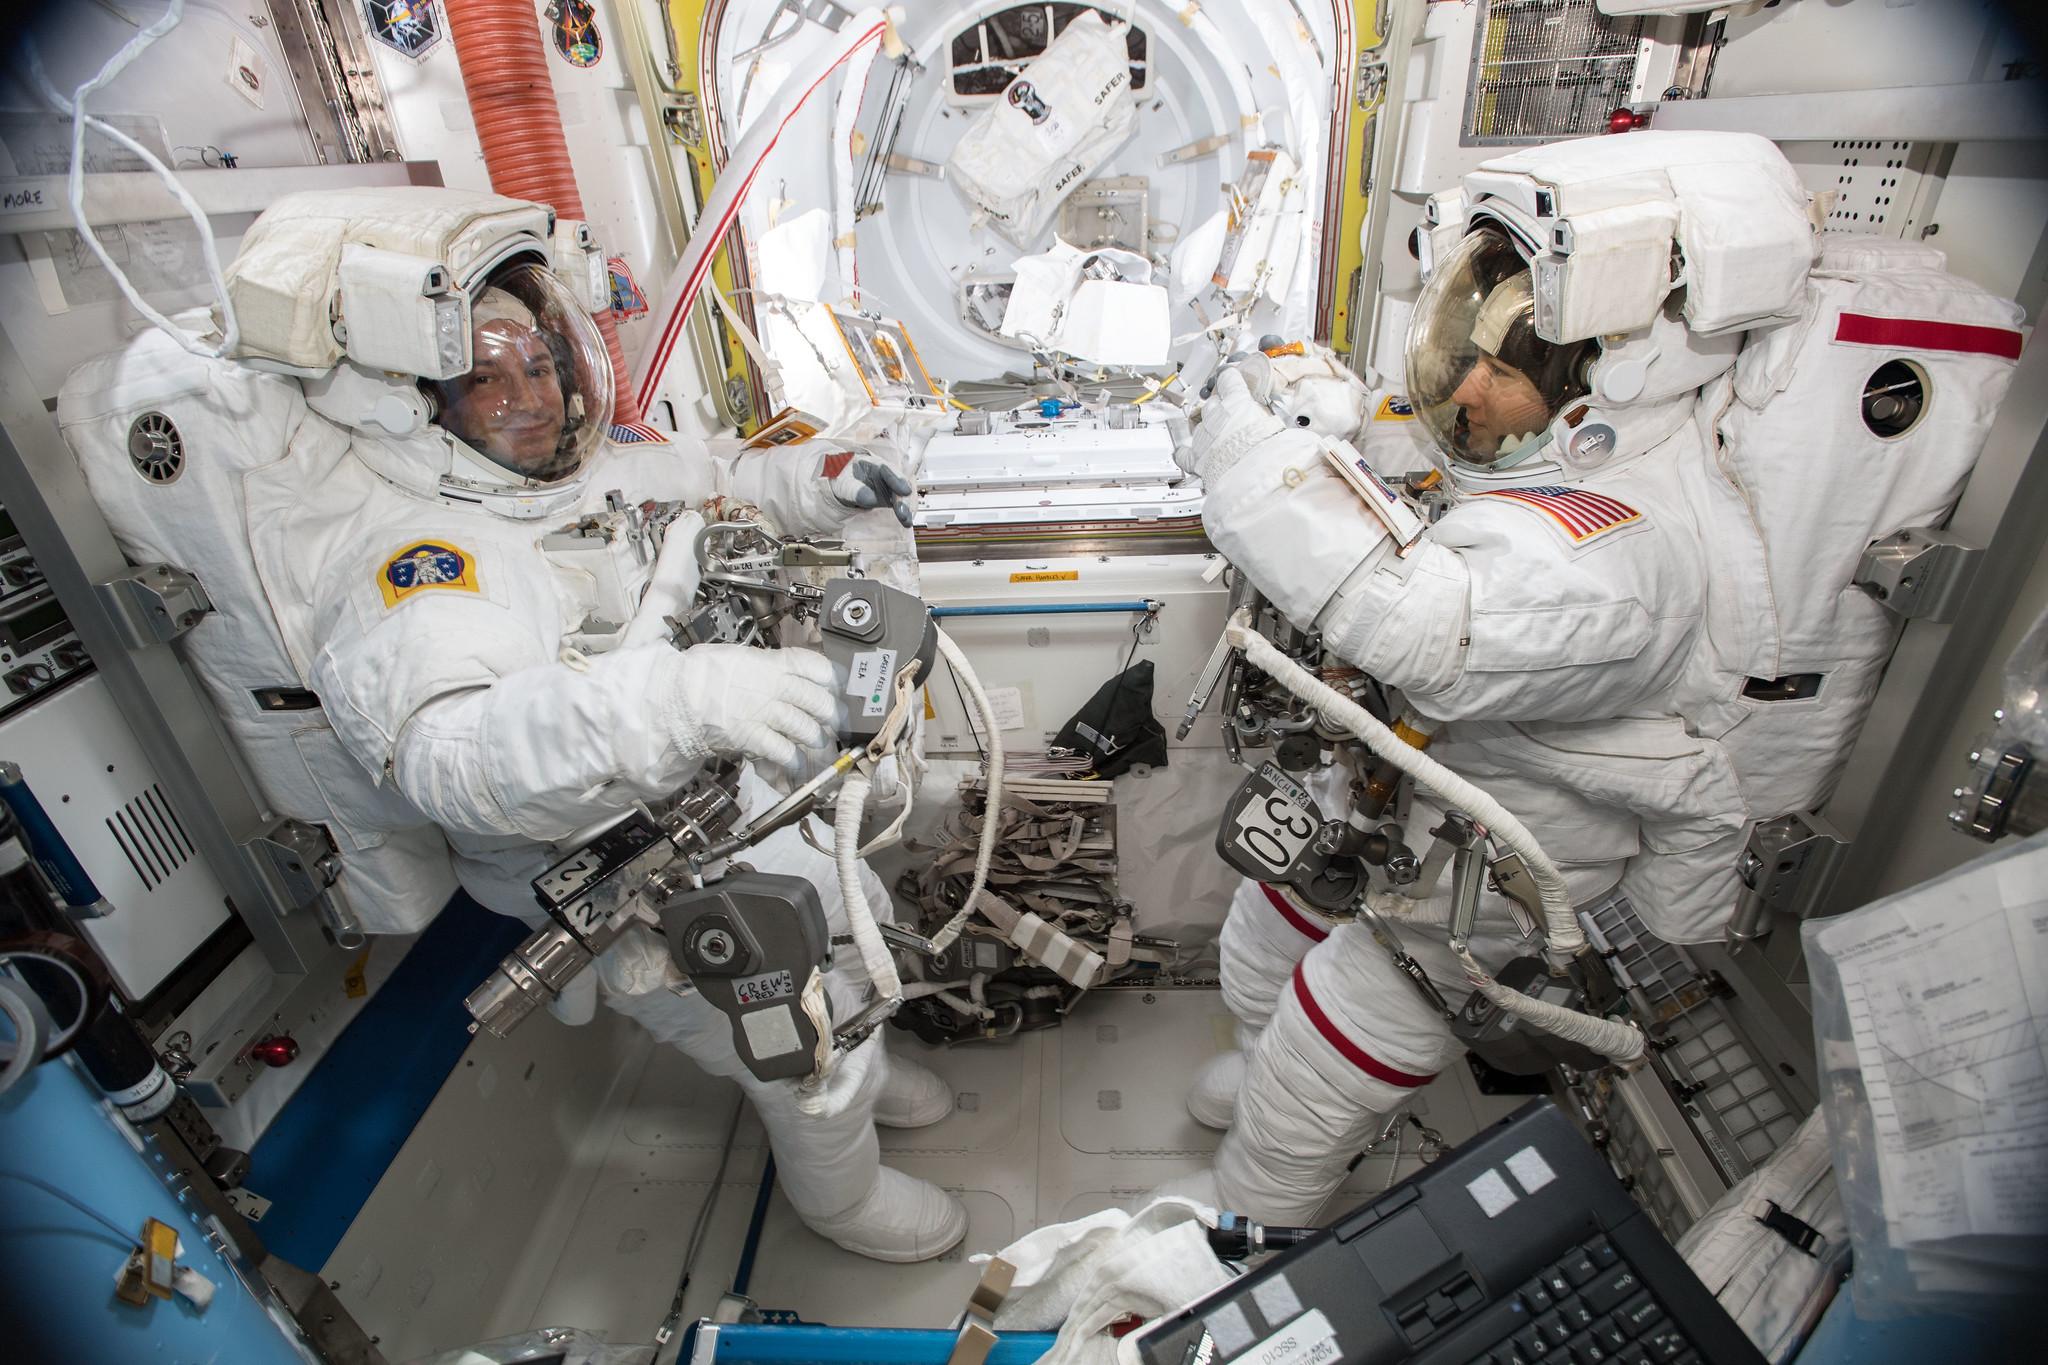 La NASA veut de nouveaux scaphandres dédiés à l'exploration